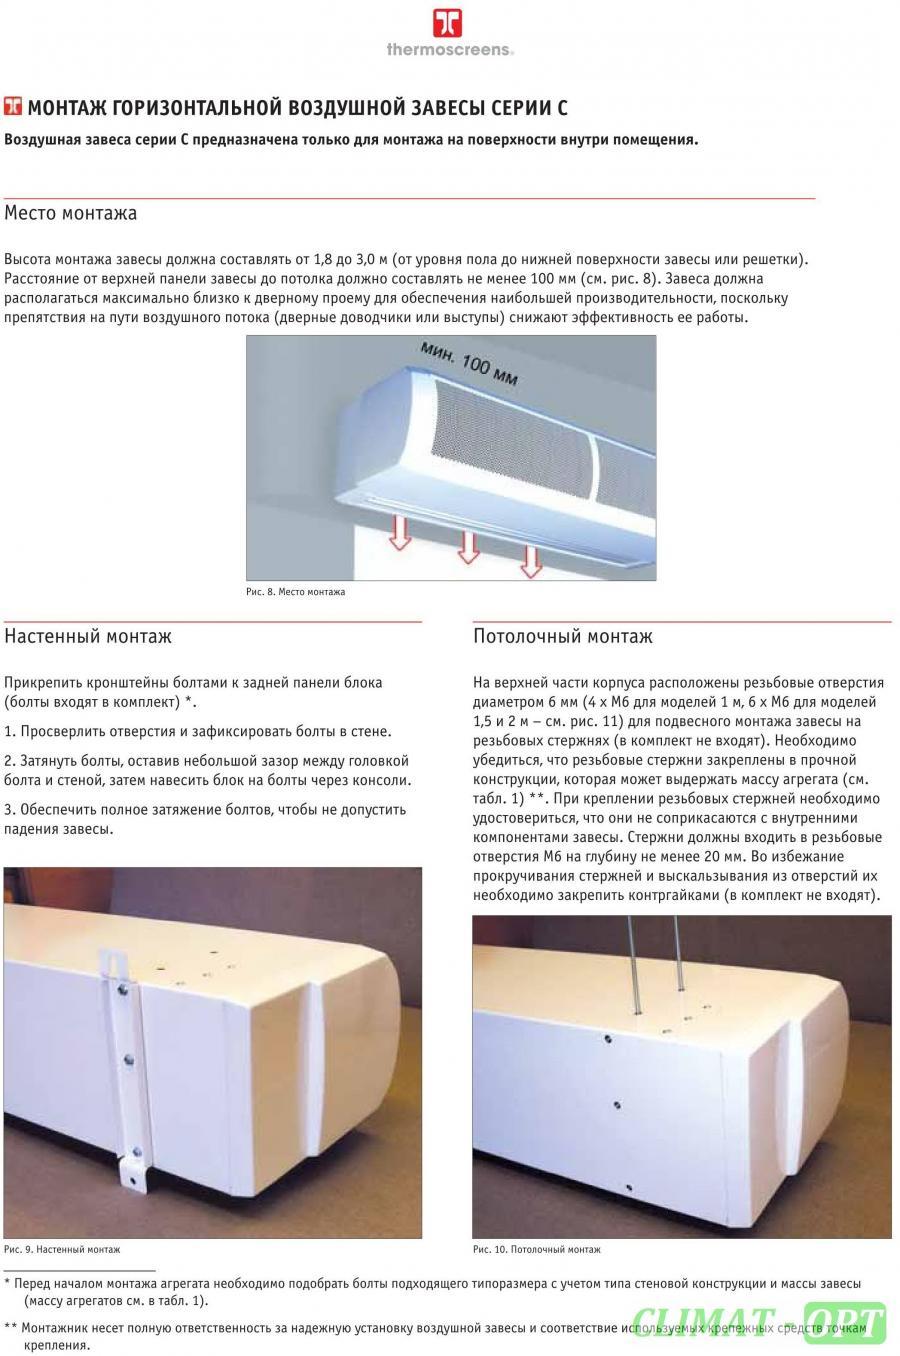 Тепловая завеса Thermoscreens Cерия E NT с электроподогревом (монтажная высота максимум 3.0 м)